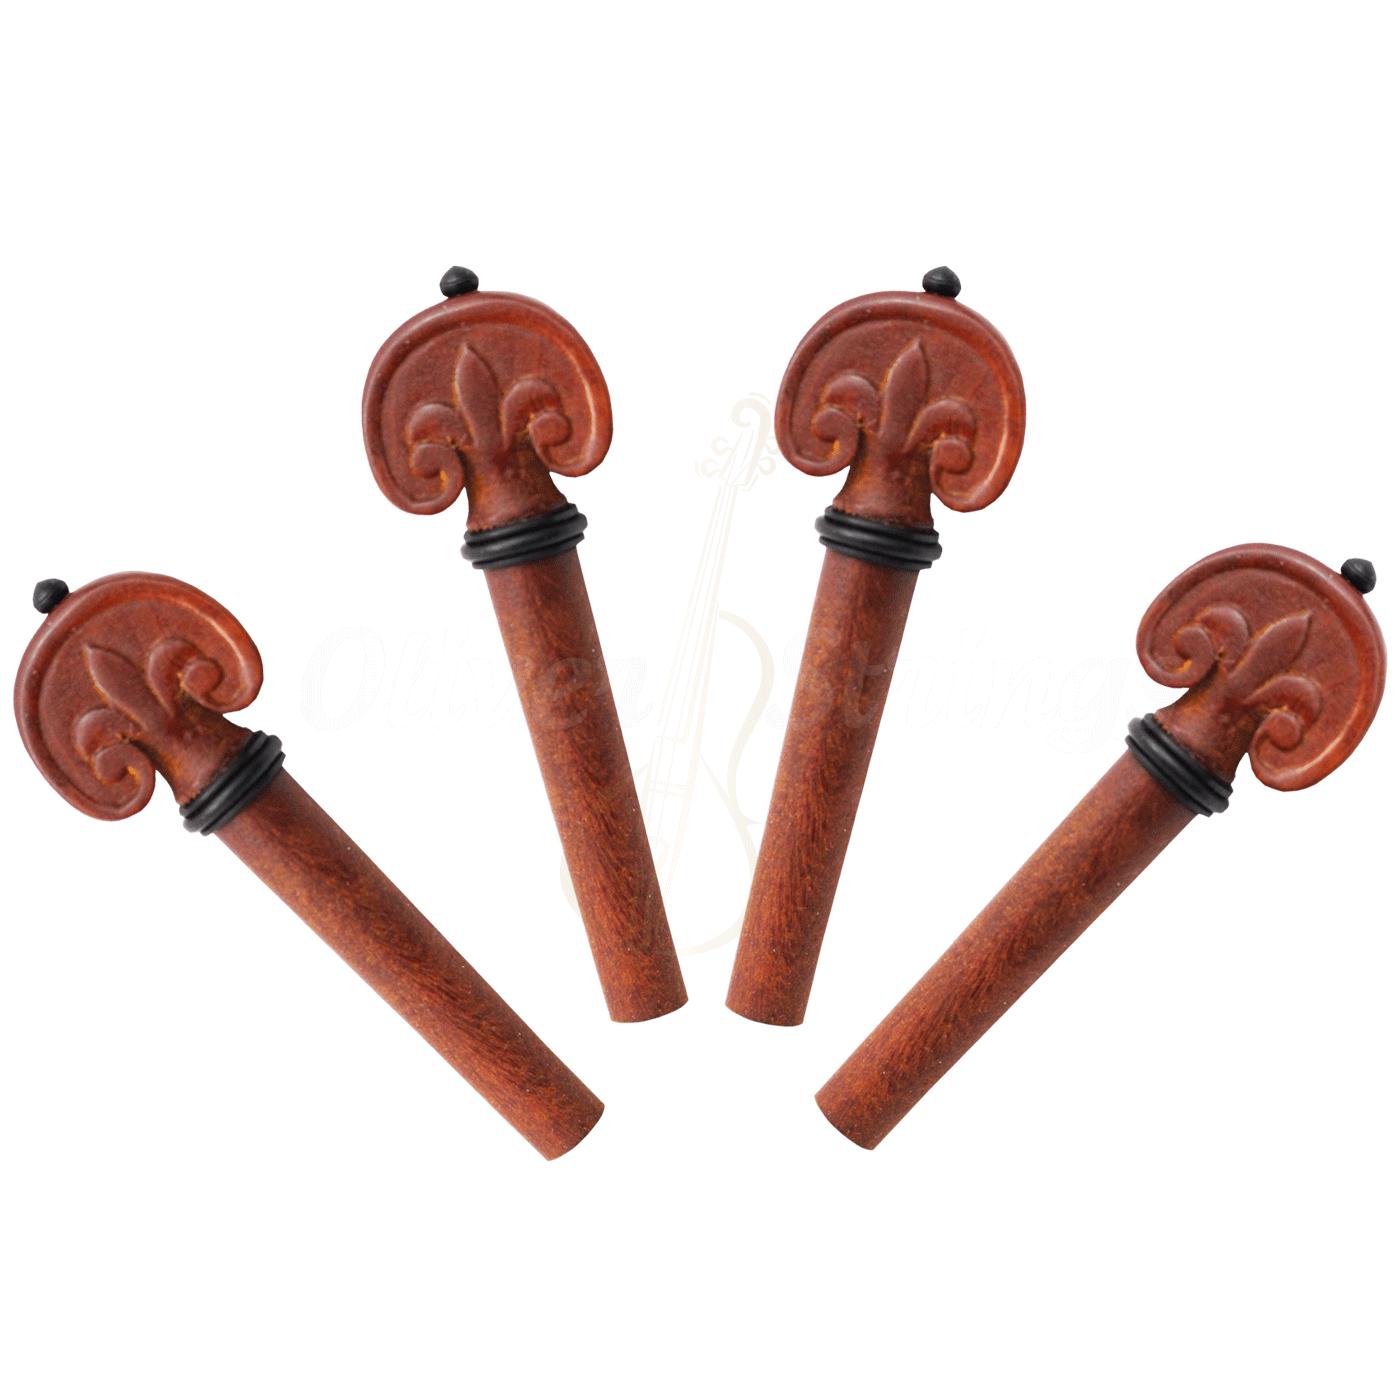 Kit de cravelhas boxwood entalhado para violoncelo